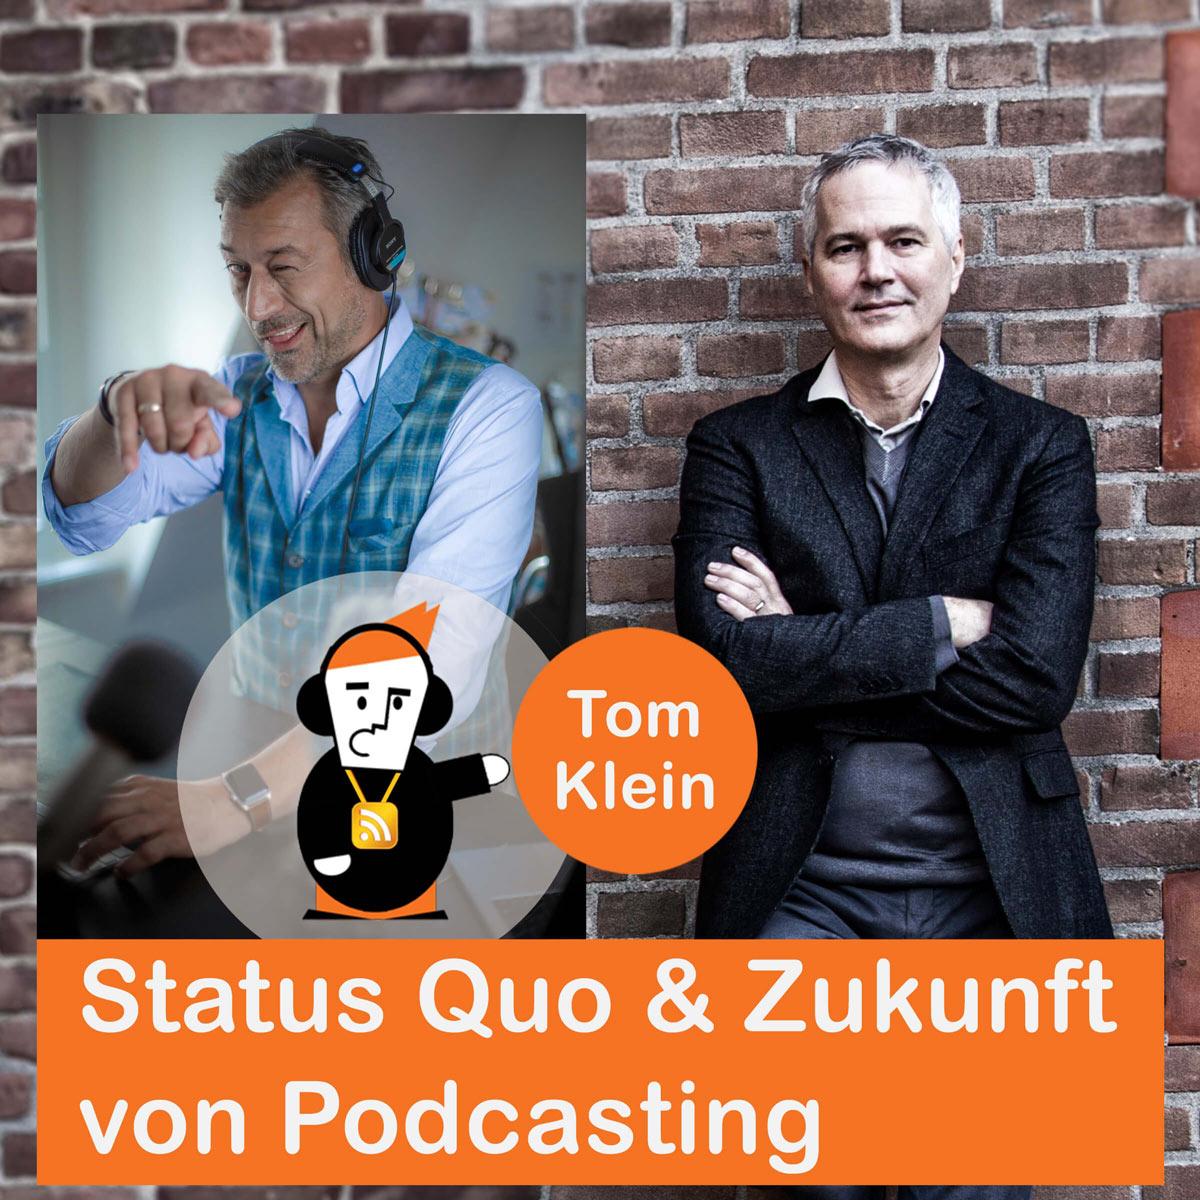 Tom Klein | Podcast | Satus Quo und Zukunft